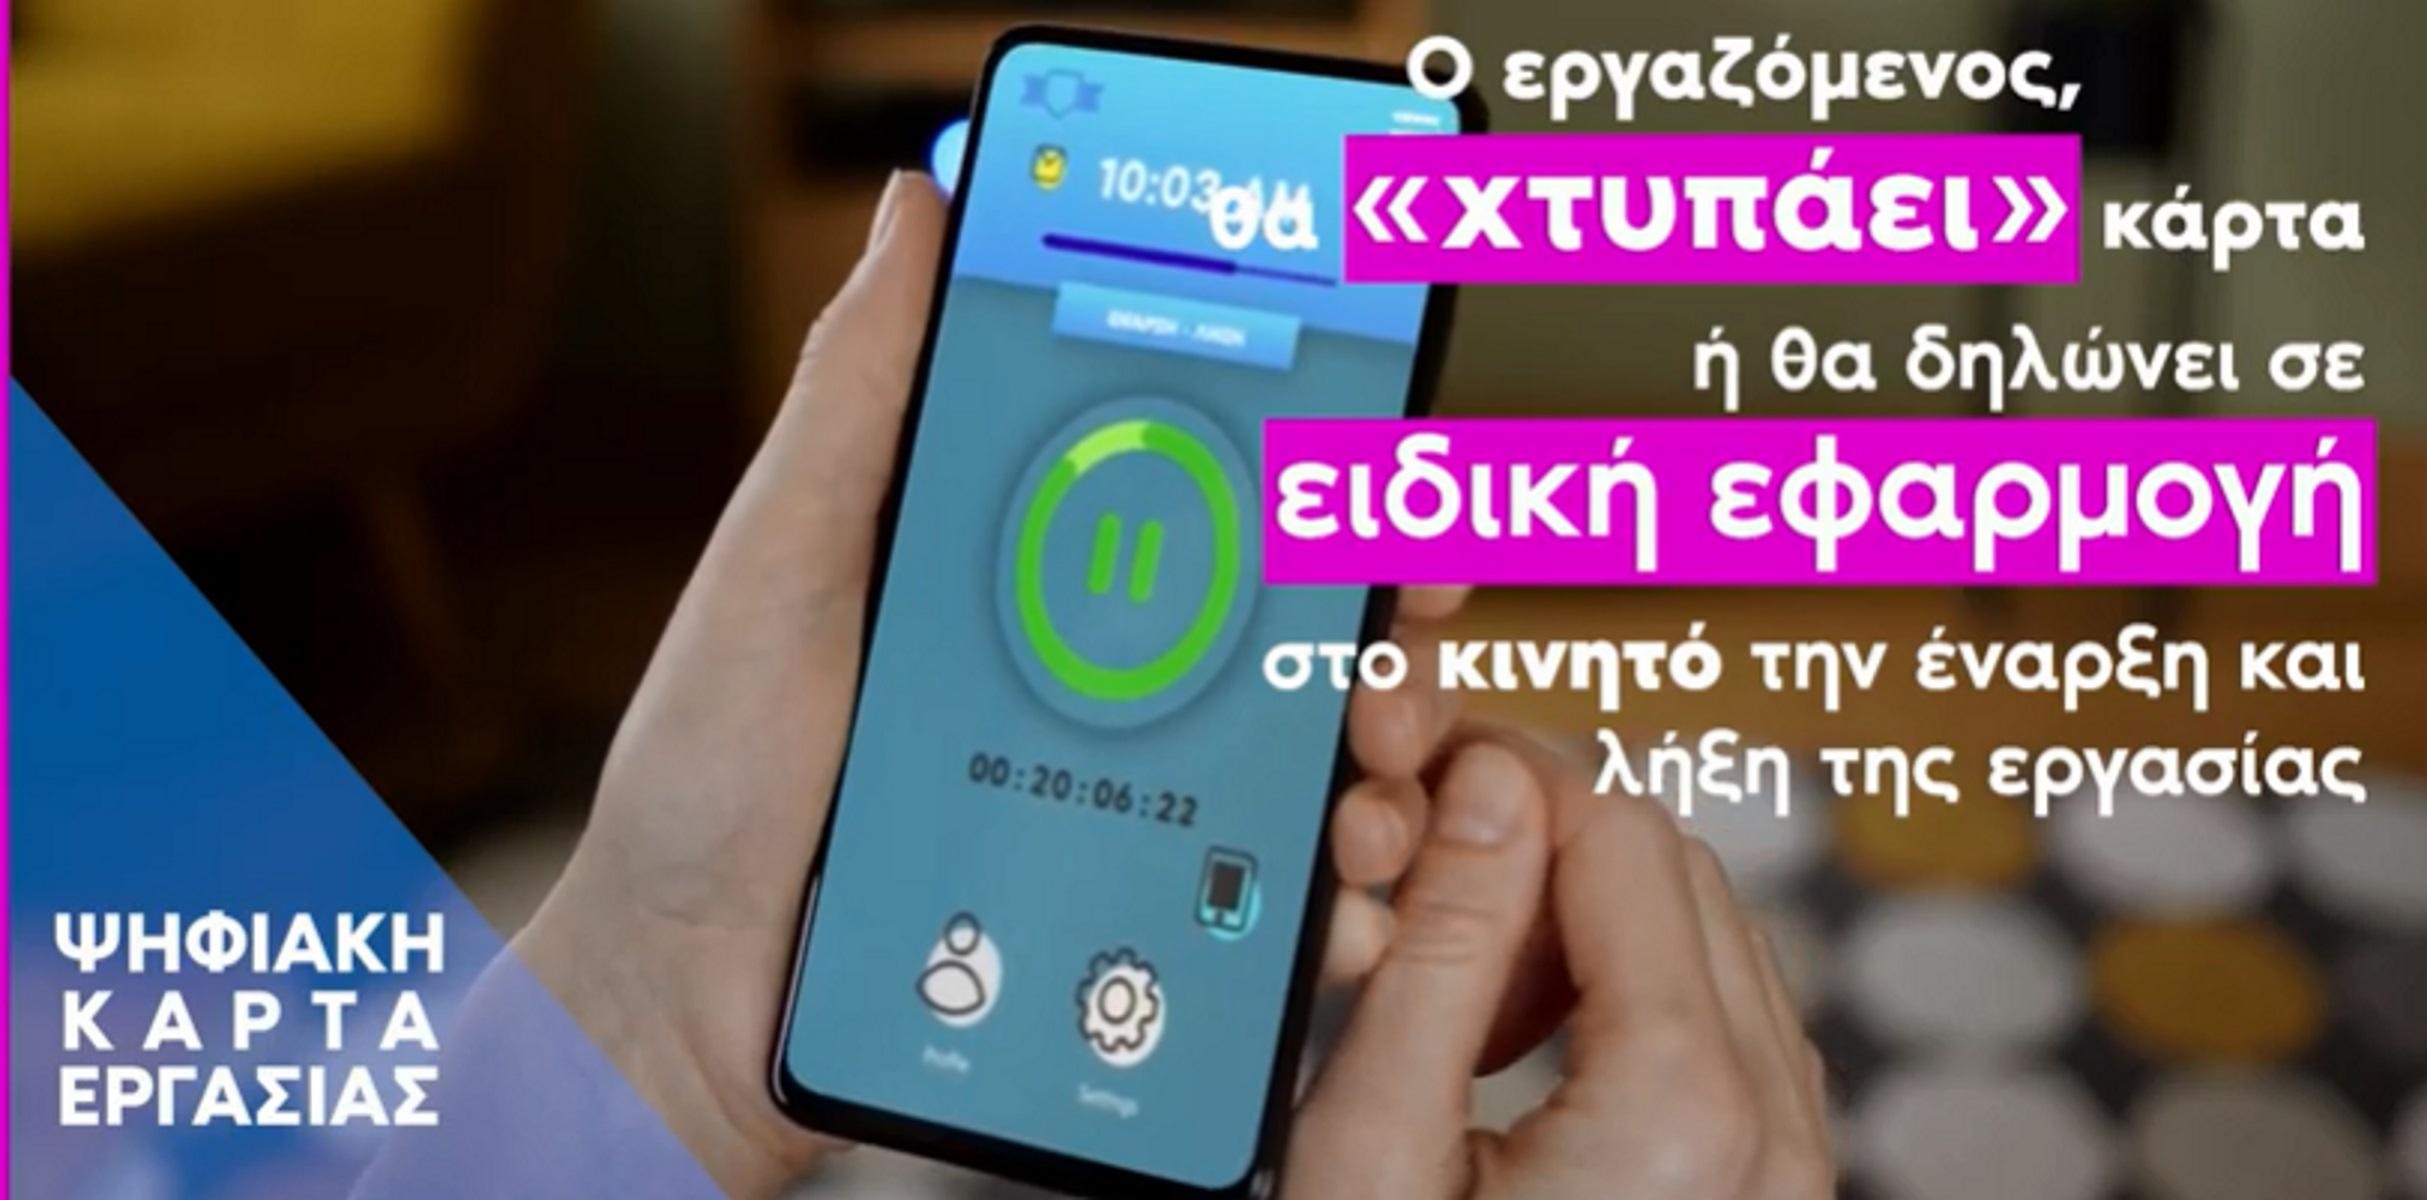 Ψηφιακή κάρτα εργασίας: Η εφαρμογή στο κινητό και πώς θα λειτουργεί (video)